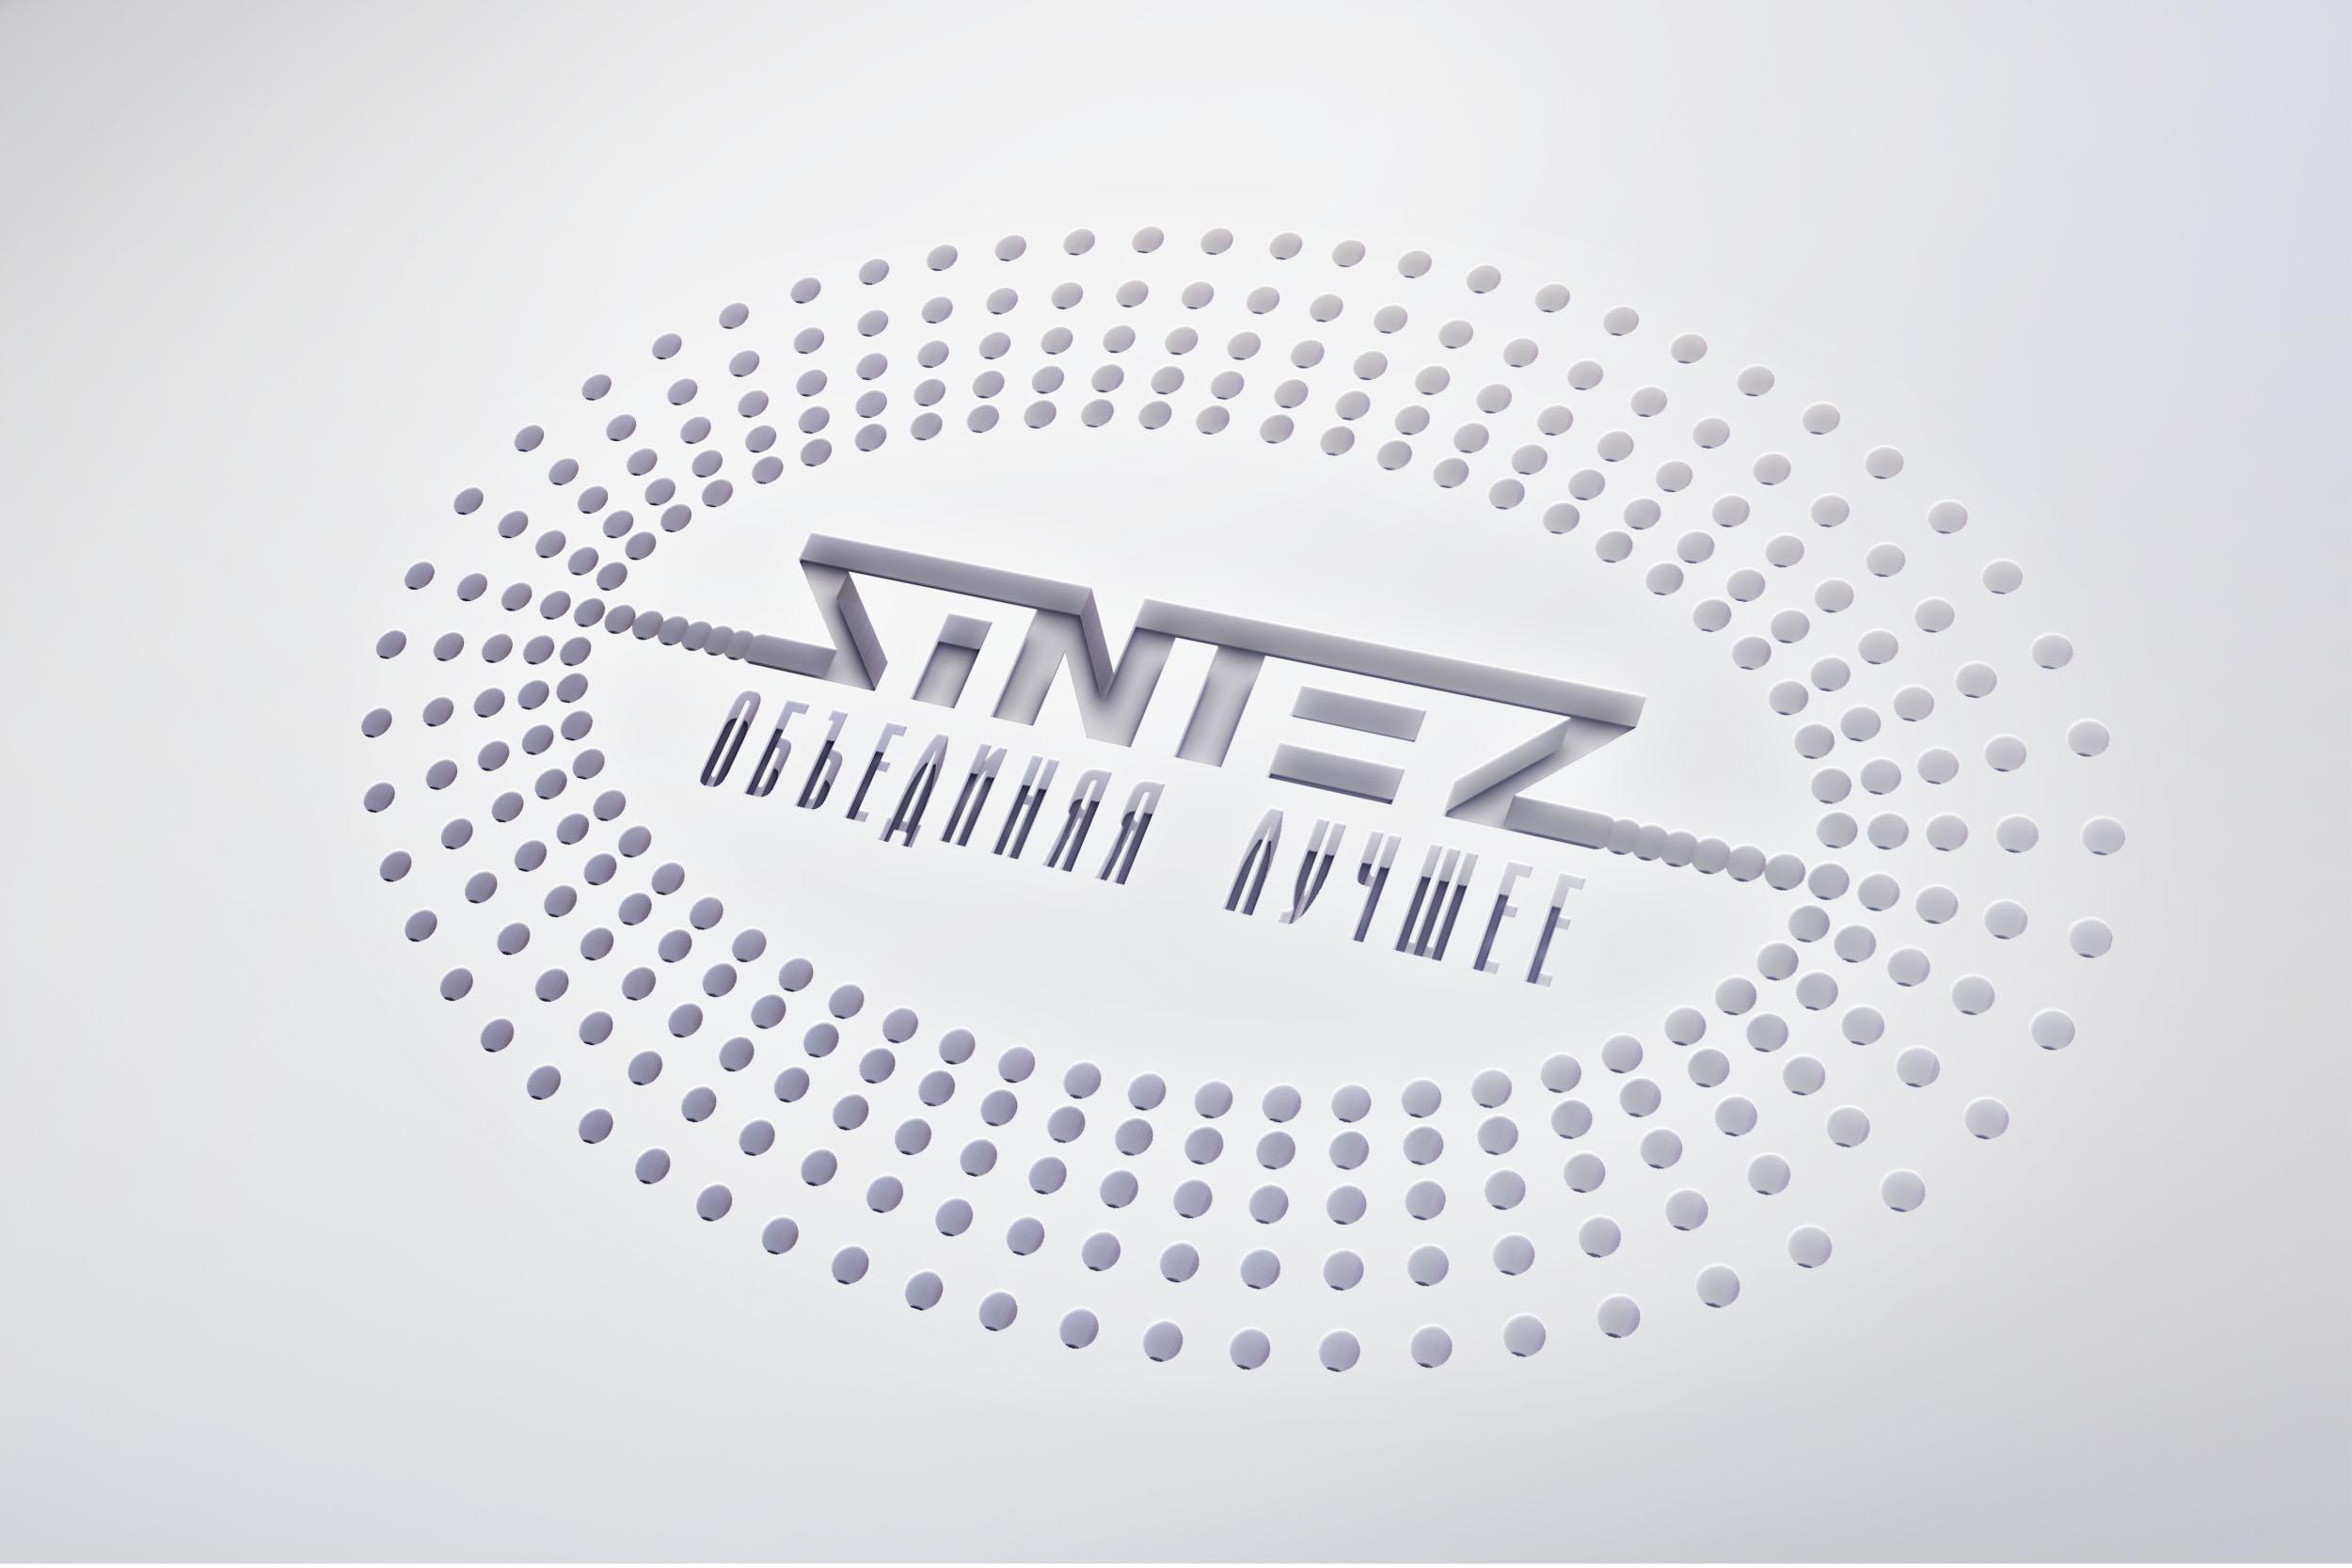 Разрабтка логотипа компании и фирменного шрифта фото f_2005f62f93647d0d.jpg